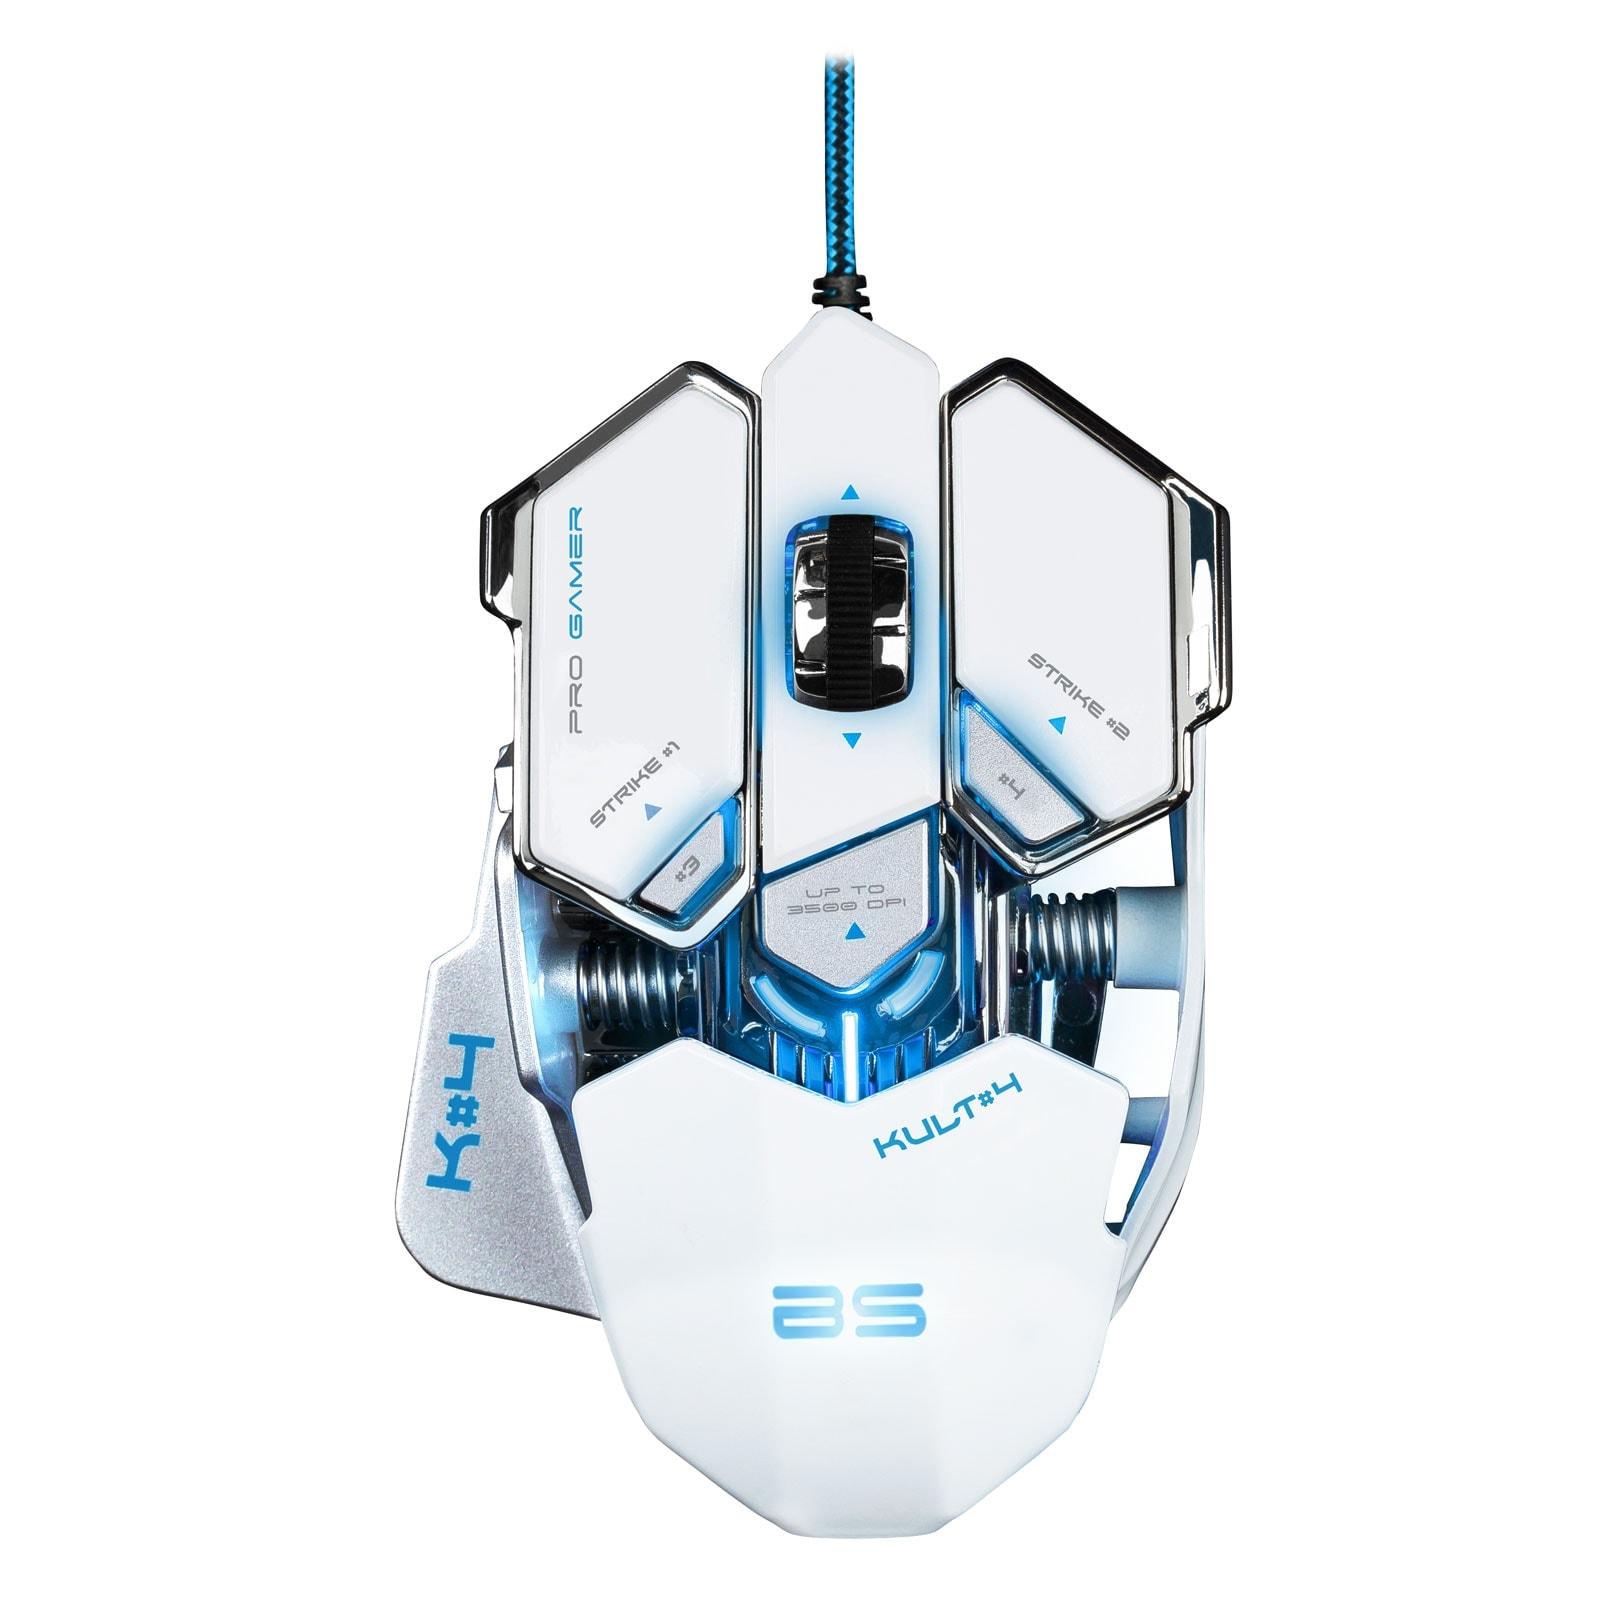 Bluestork KULT 4 WHITE ED. 3500dpi/Rétroéclairé/10 boutons (BS-GM-KULT4/W) - Achat / Vente Souris PC sur Cybertek.fr - 0